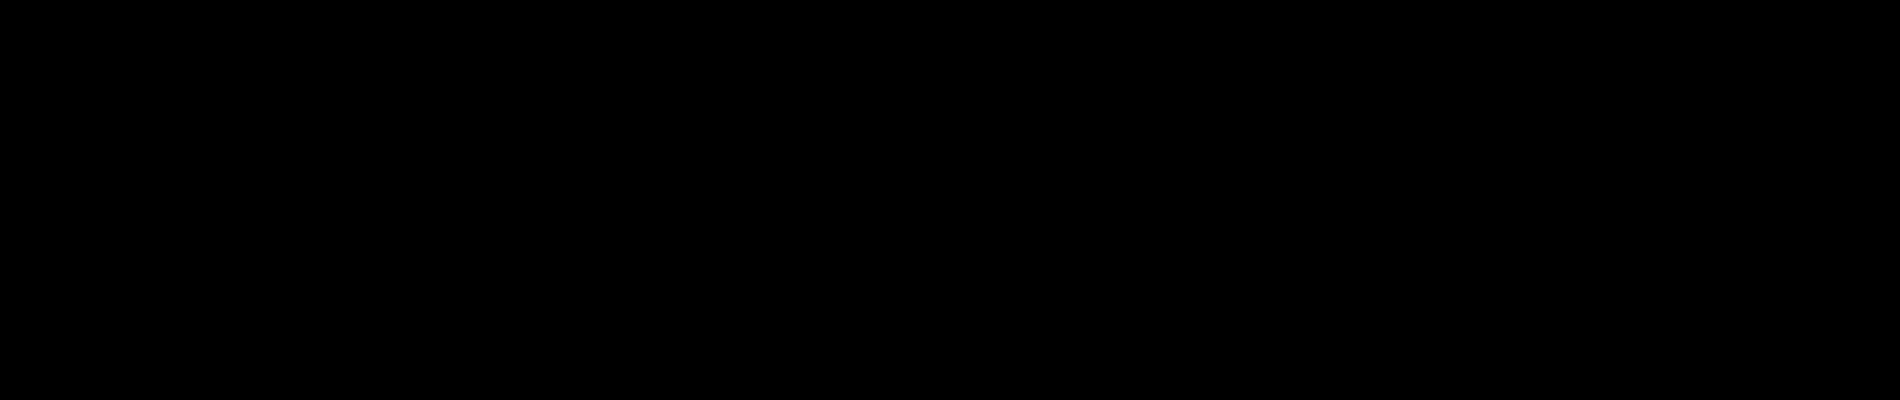 BABELPEOPLE